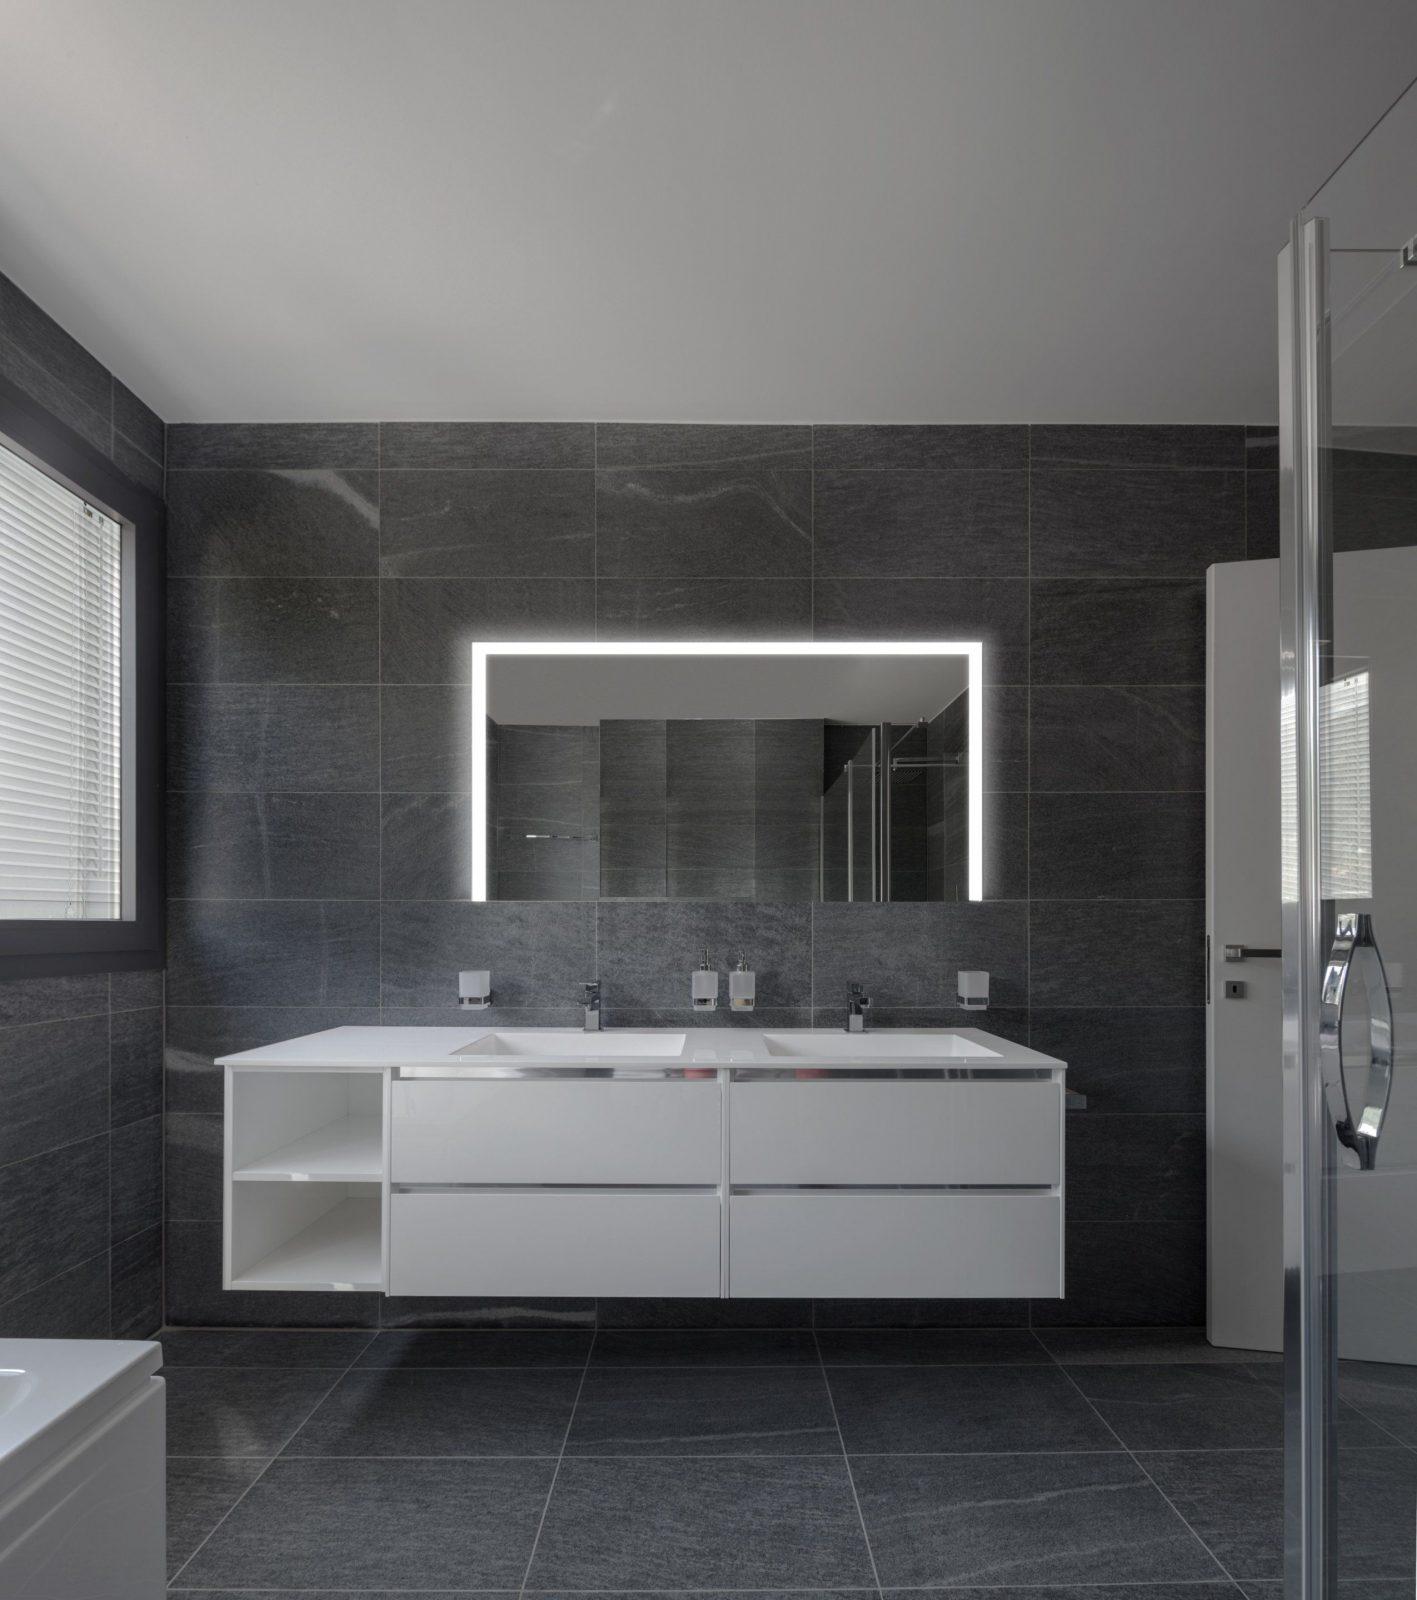 Spiegeluniversum  Led Badspiegel Nach Maß  Triton von Led Badspiegel Nach Maß Photo